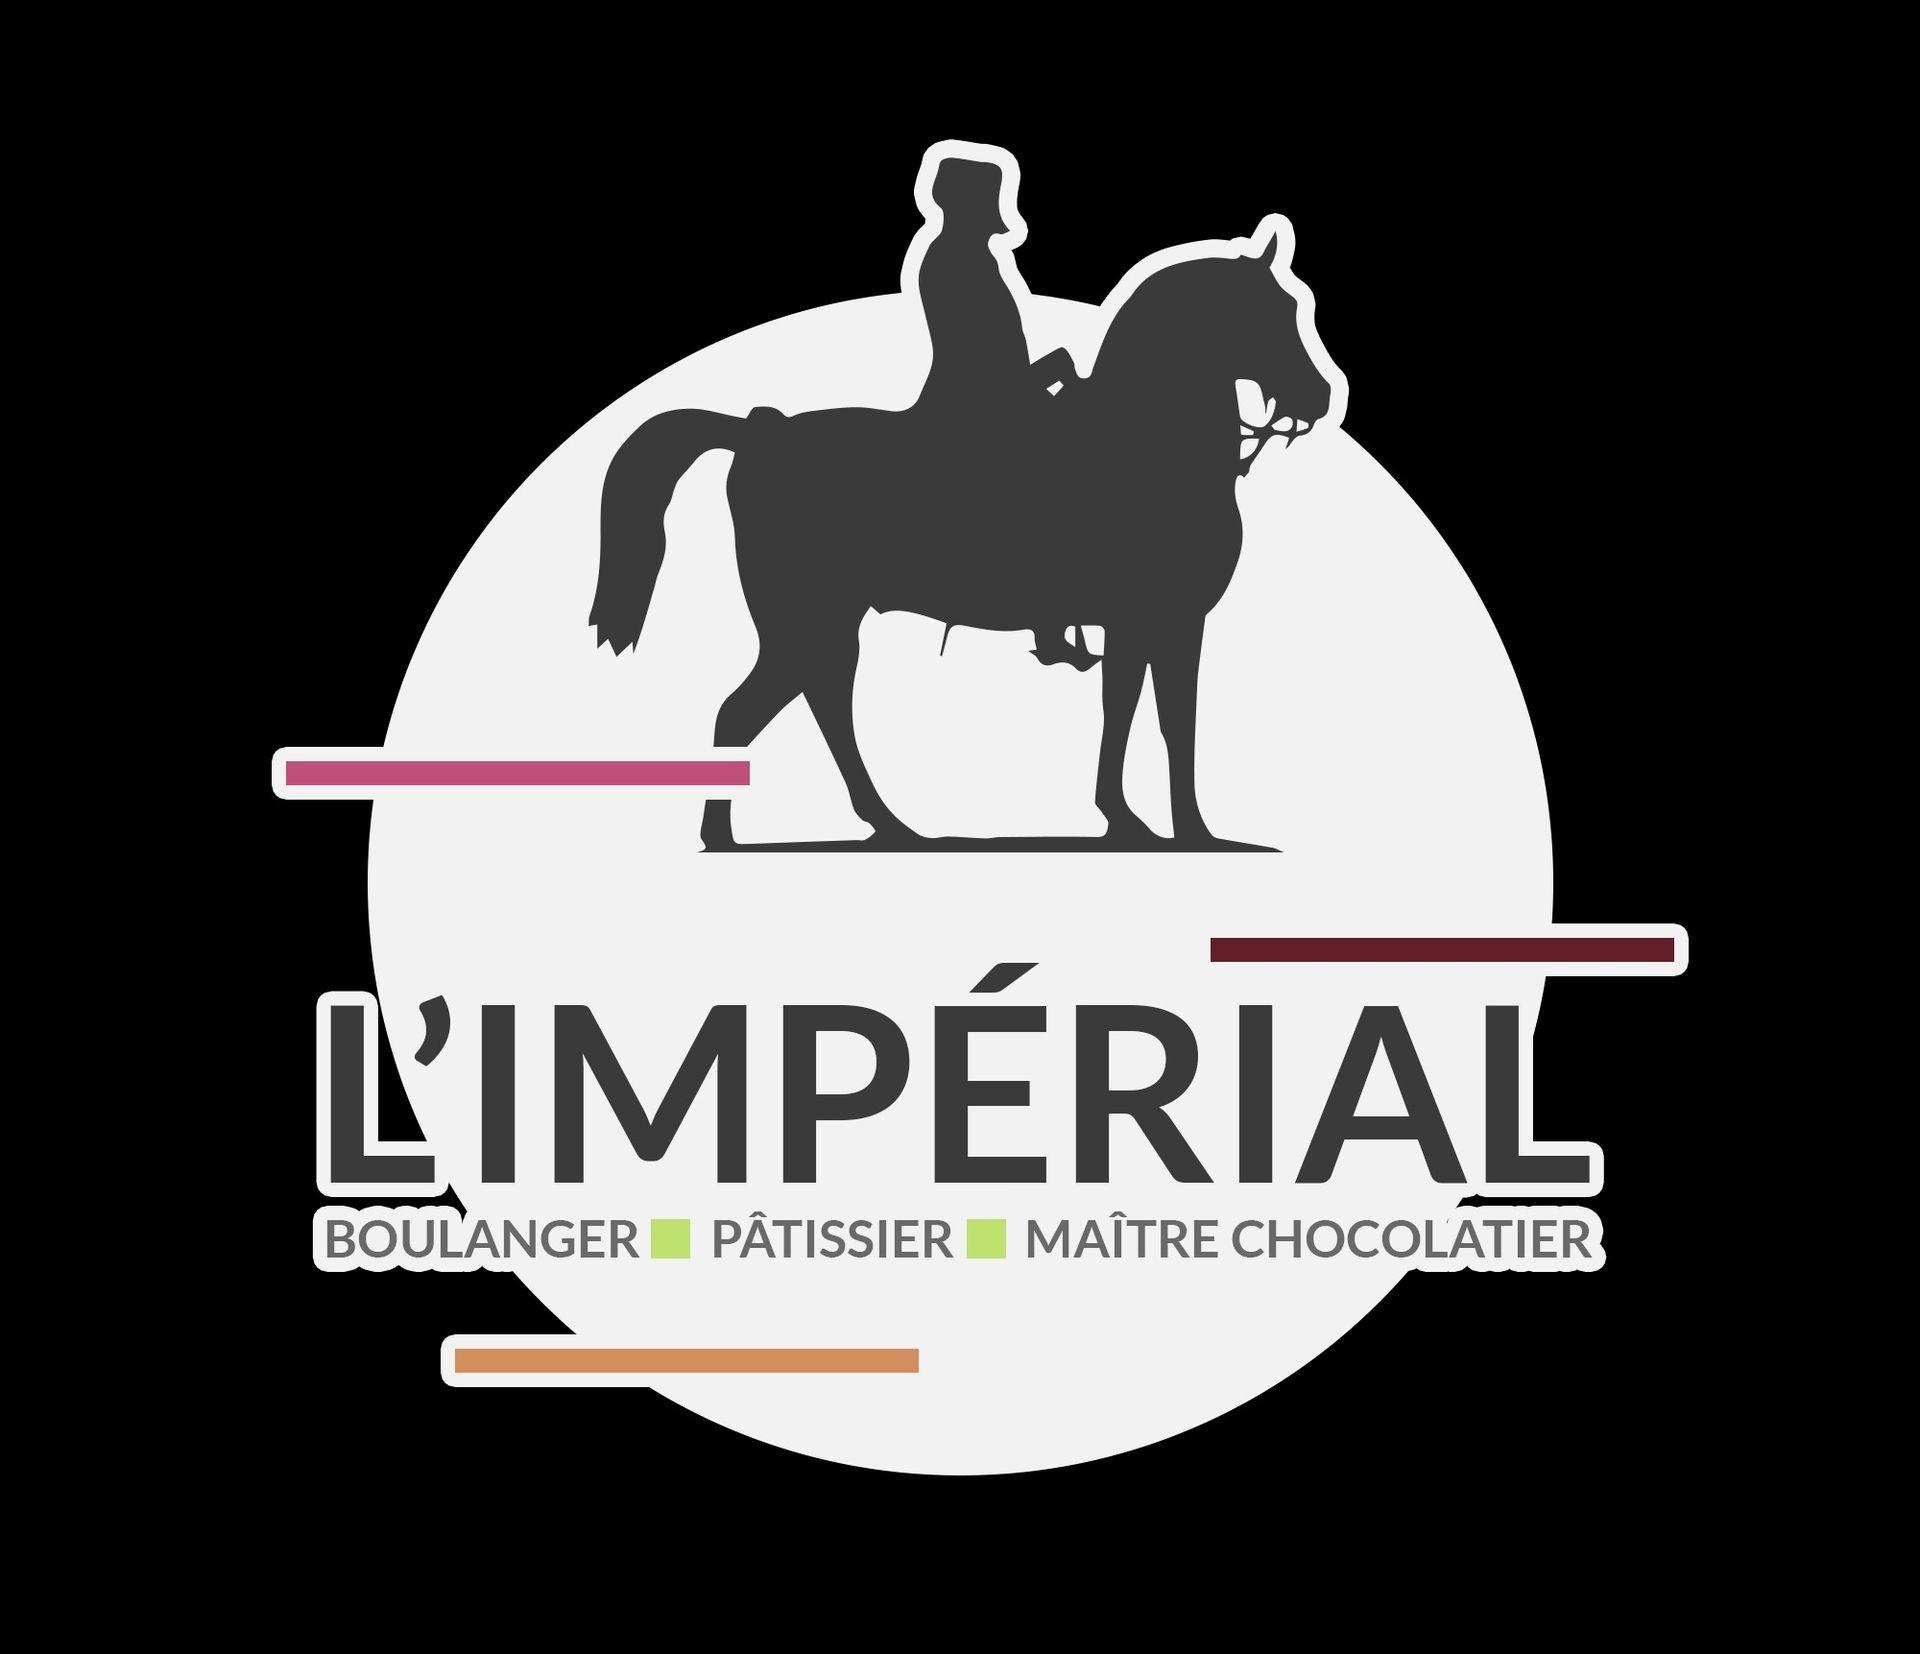 L'Imperial Boulangerie Pâtisserie Chocolaterie boulangerie et pâtisserie